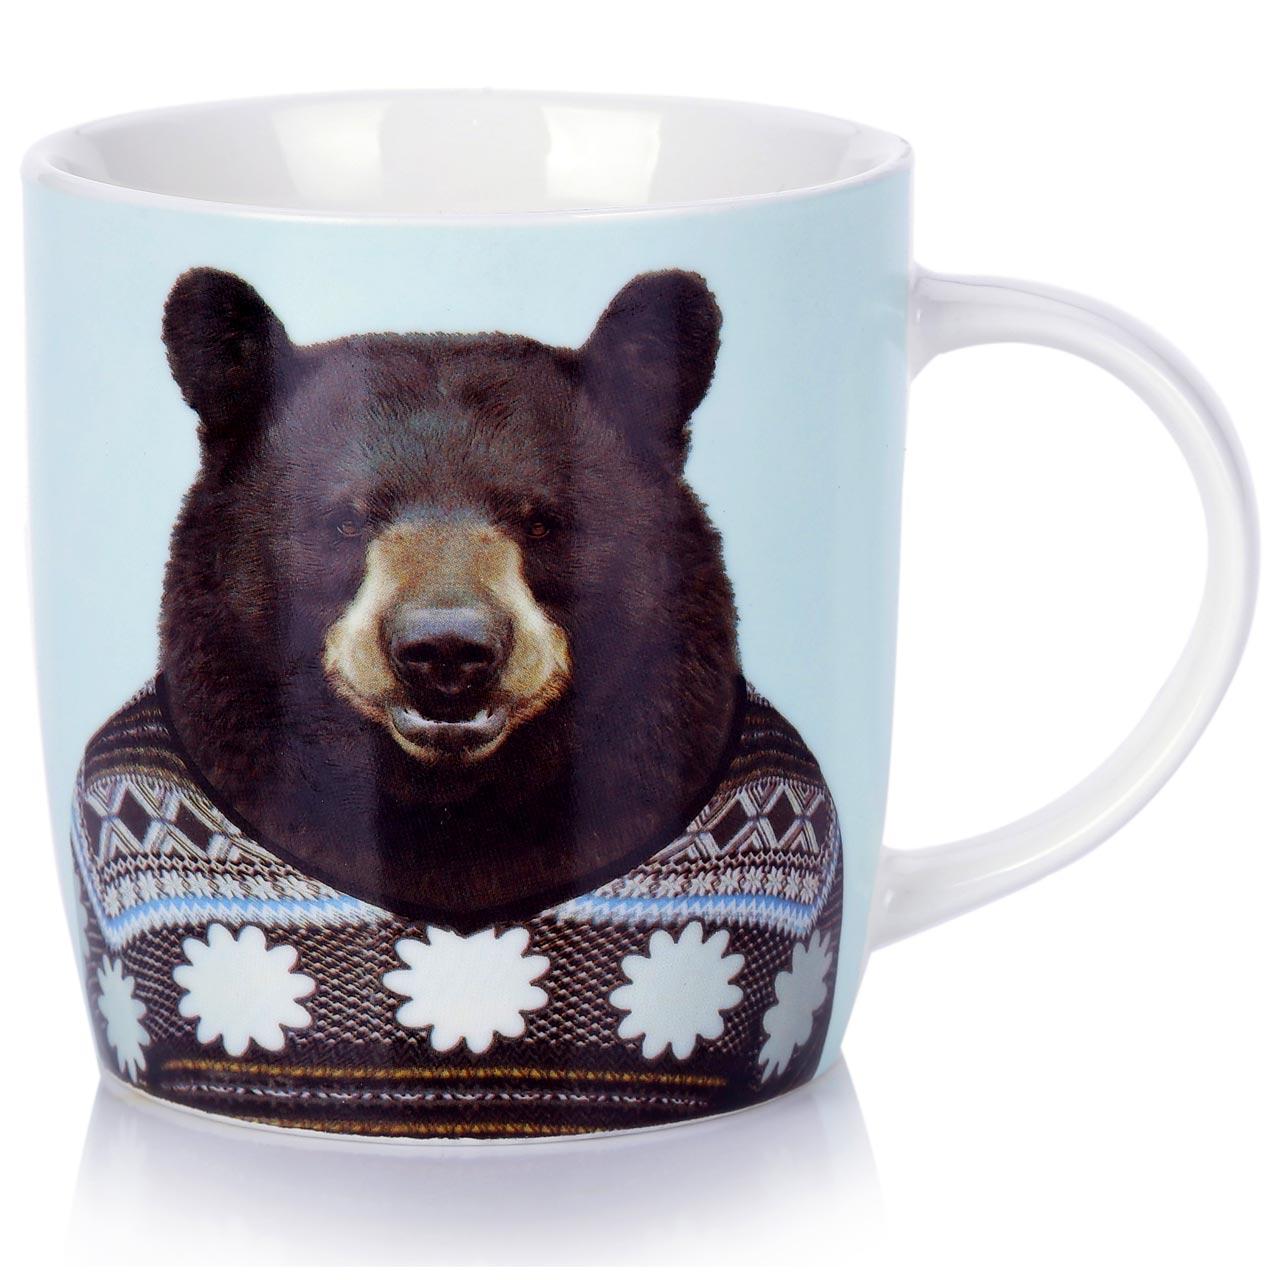 Porcelain Mug Bear | The Design Gift Shop